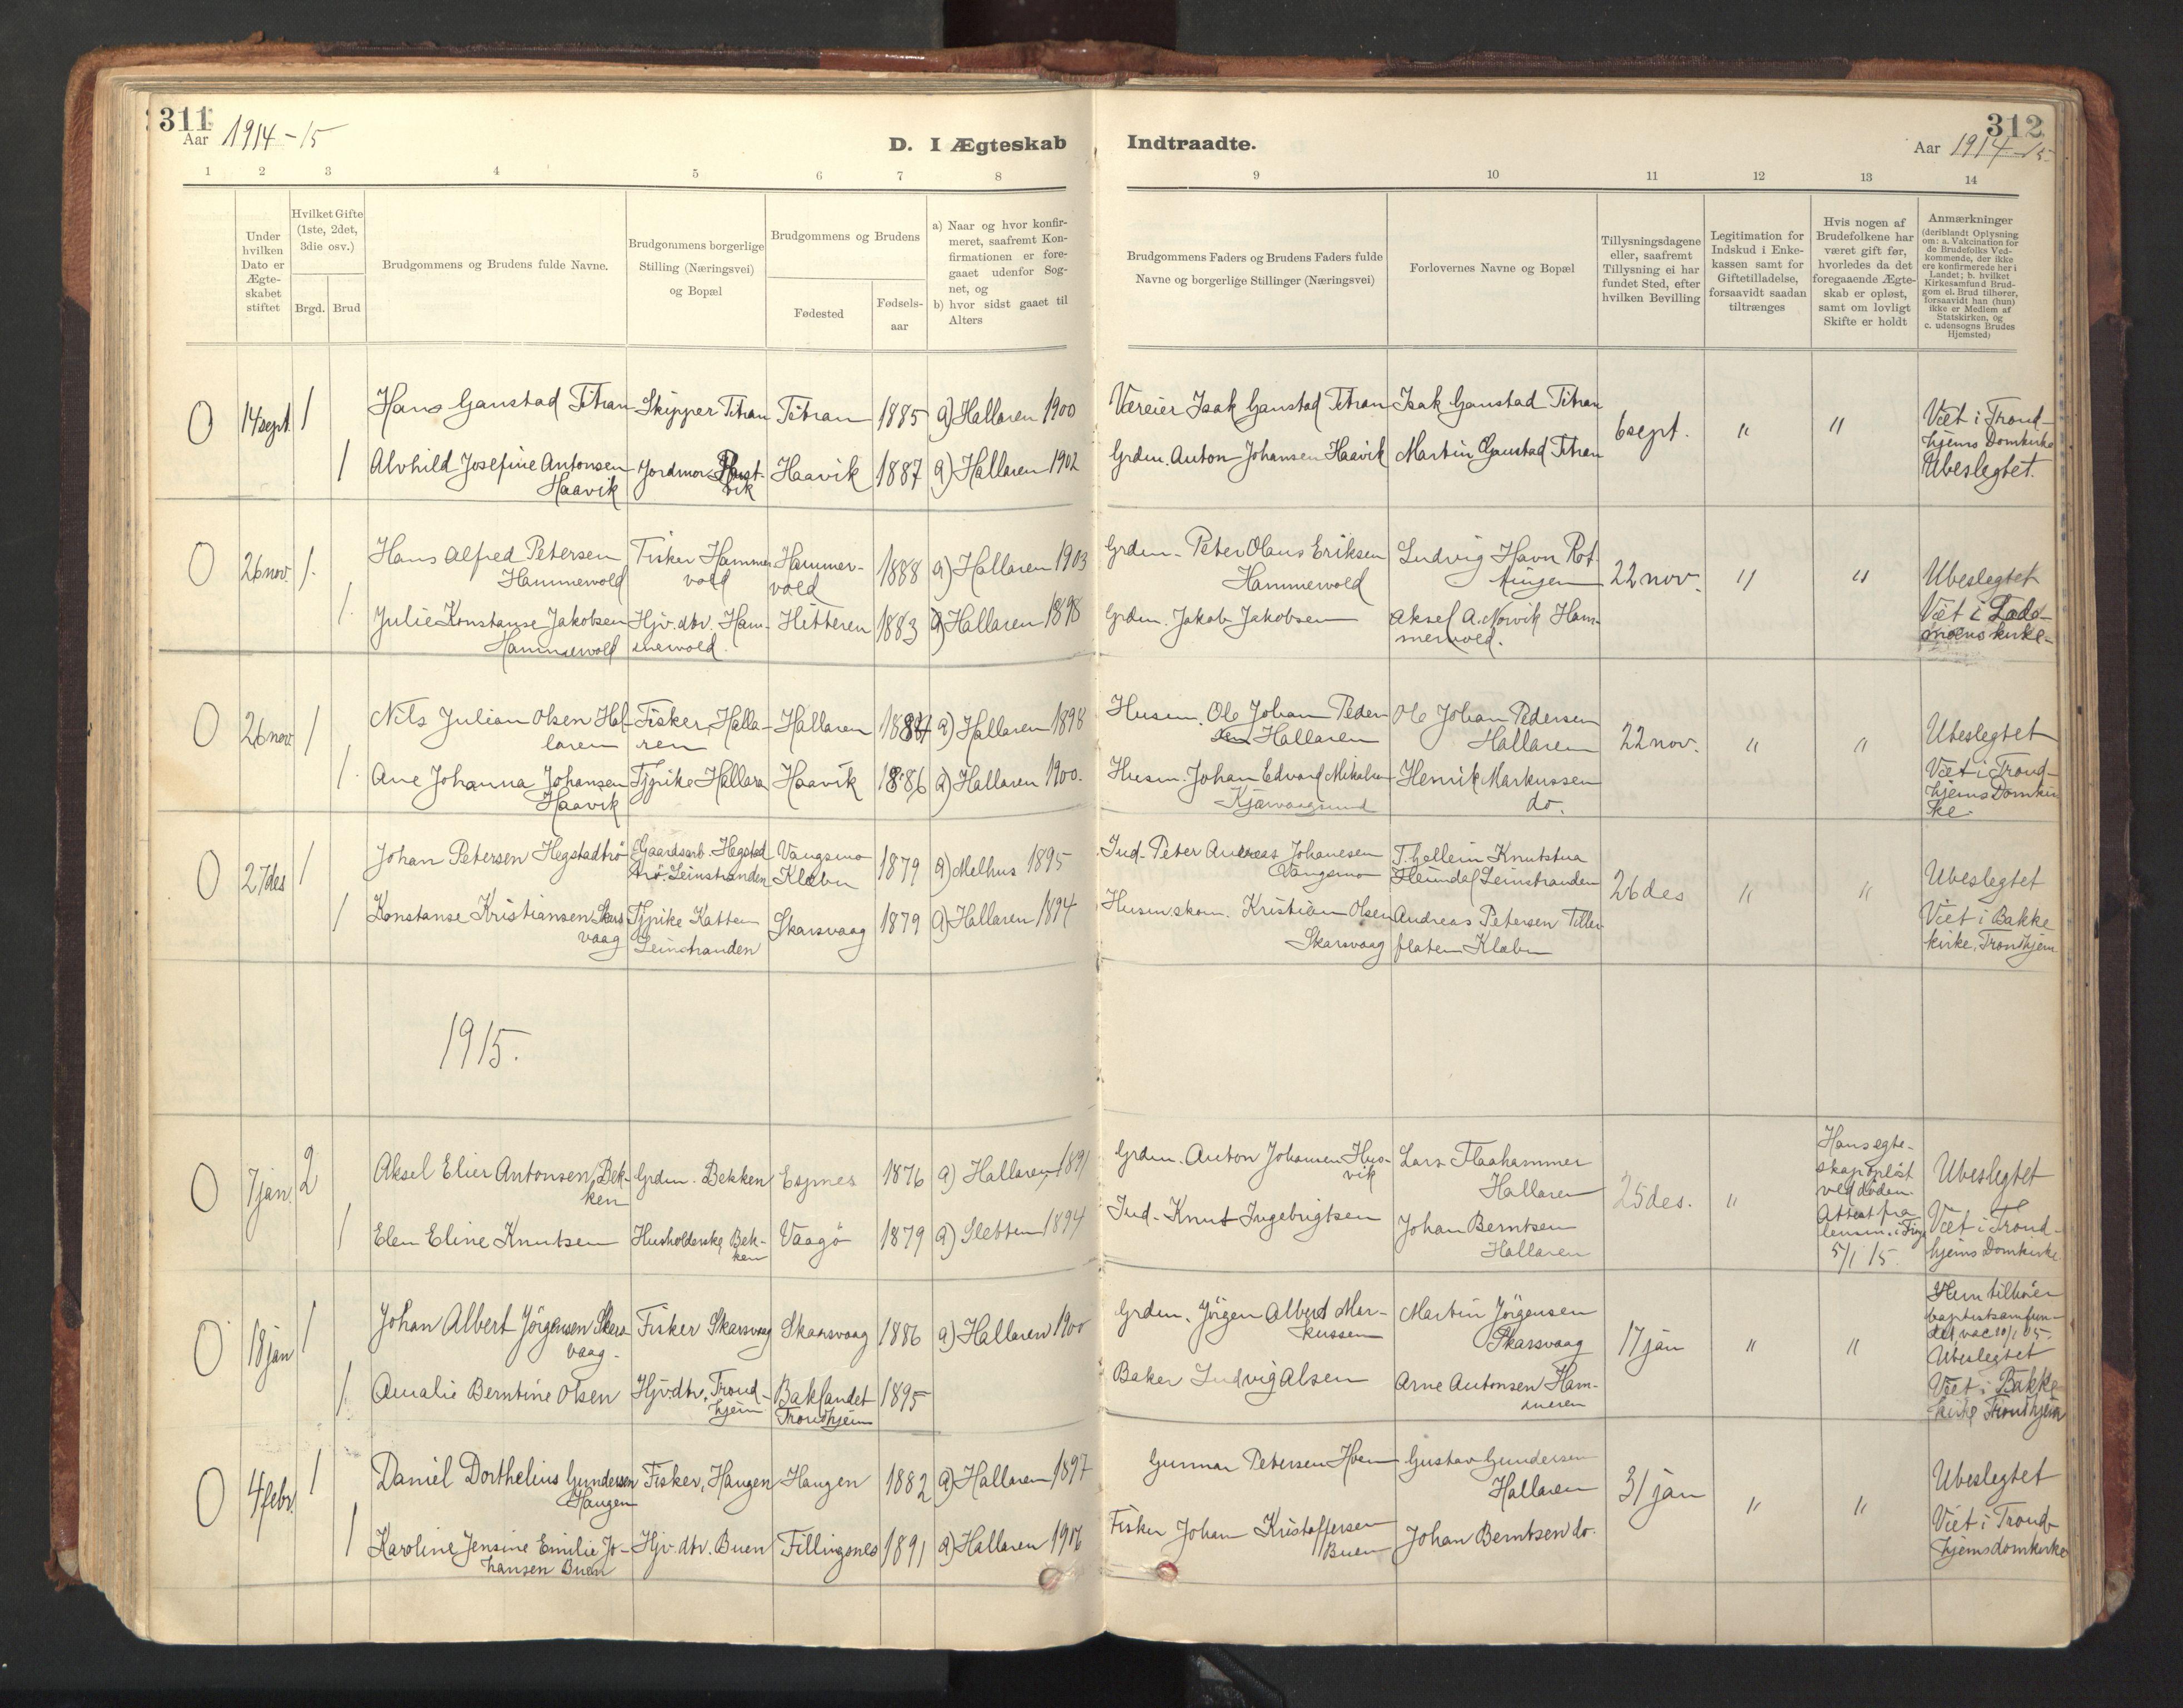 SAT, Ministerialprotokoller, klokkerbøker og fødselsregistre - Sør-Trøndelag, 641/L0596: Ministerialbok nr. 641A02, 1898-1915, s. 311-312